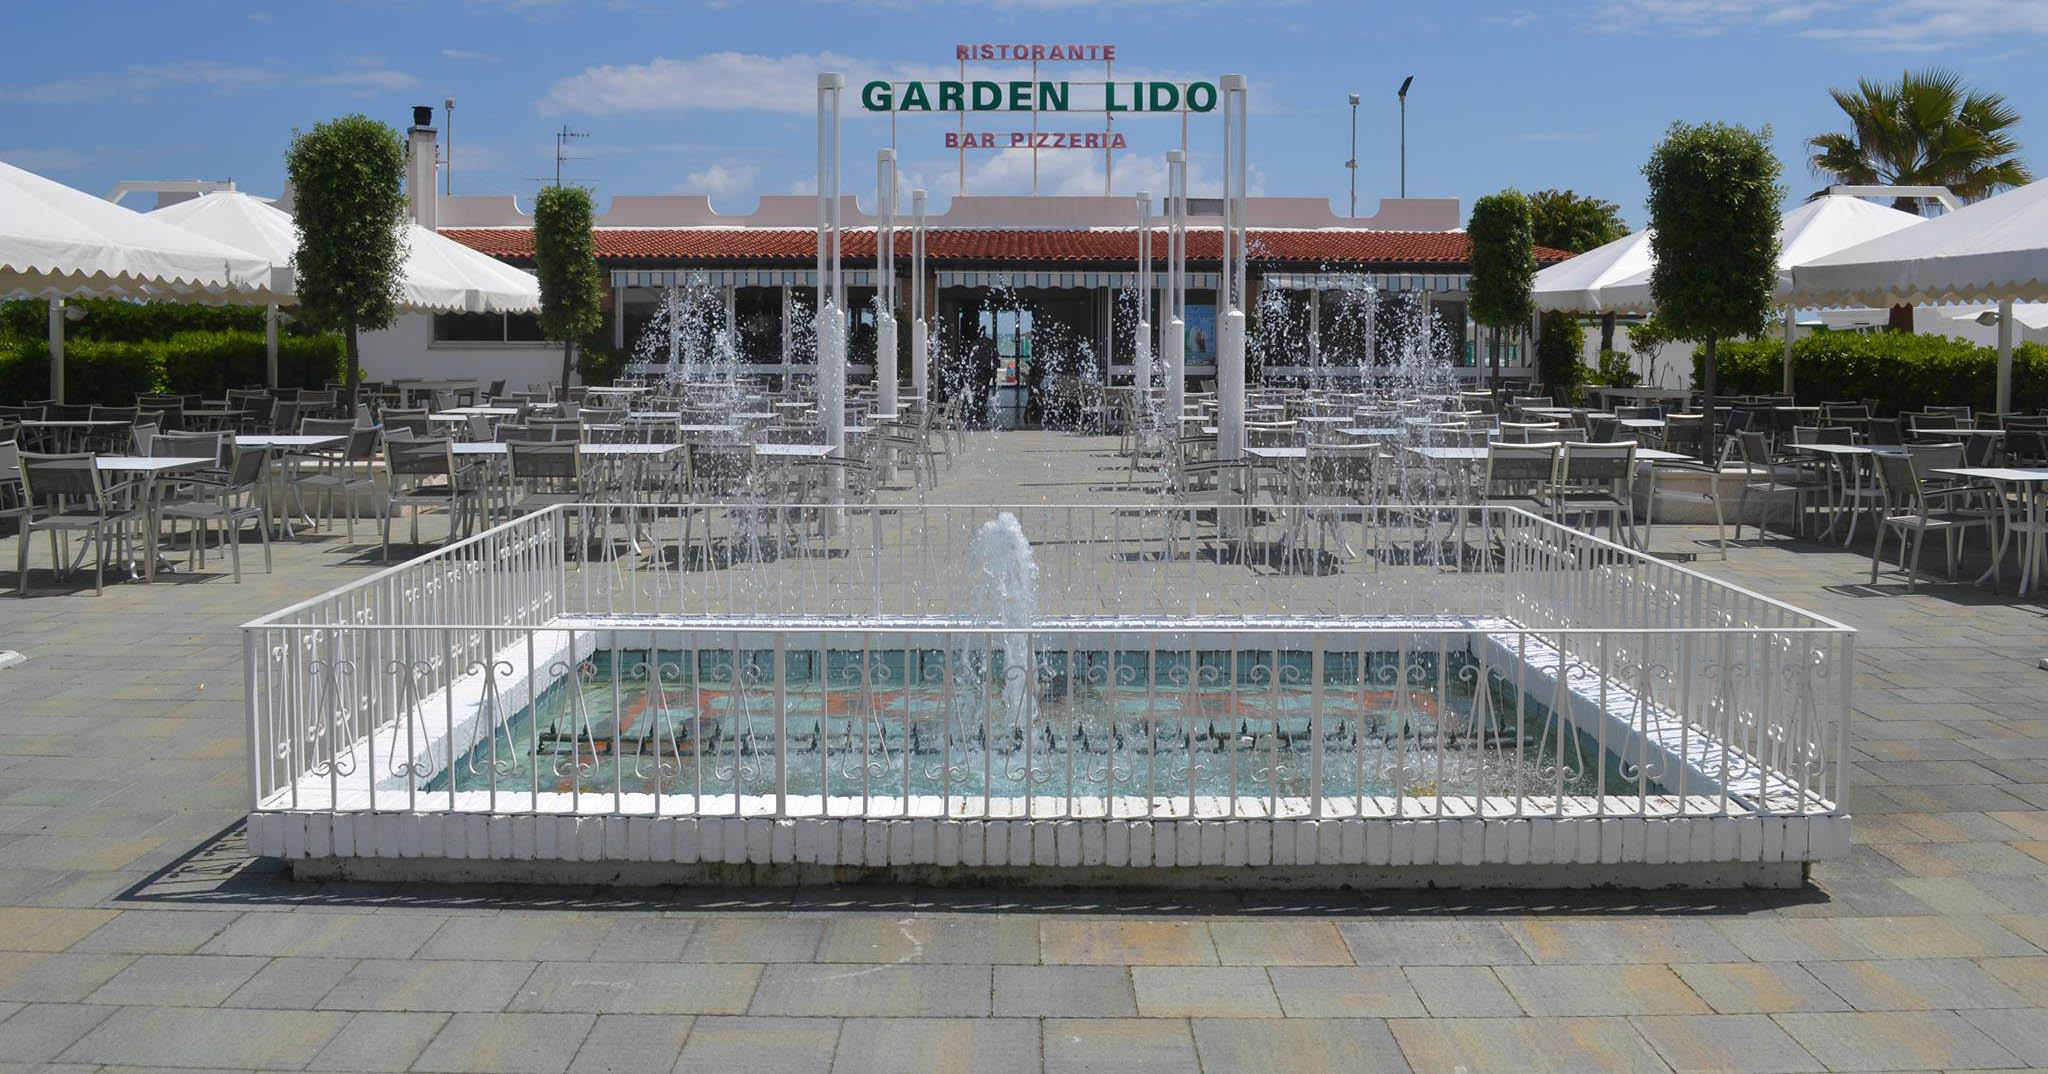 Garden Lido